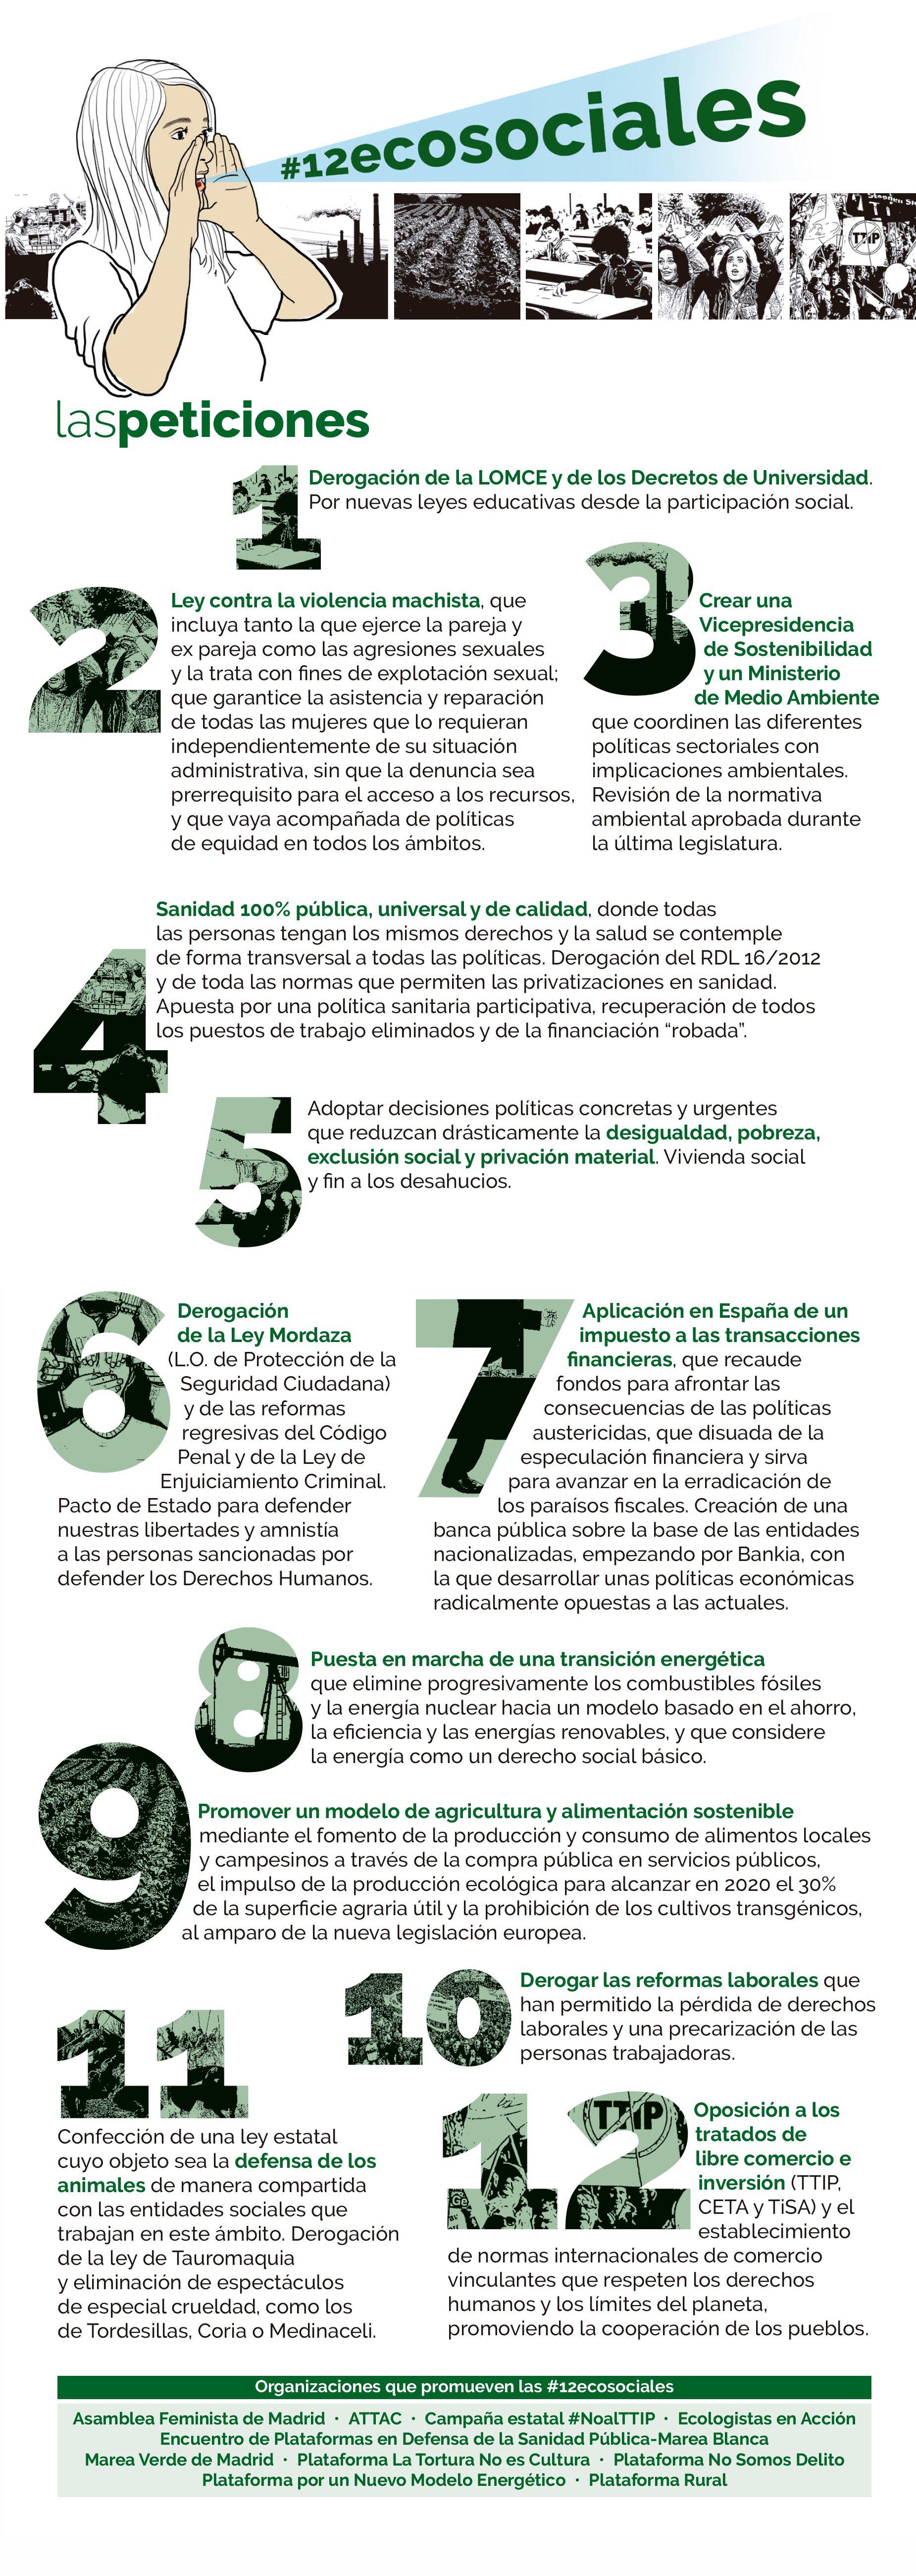 NOTICIAS INTERESANTES 12ecosociales